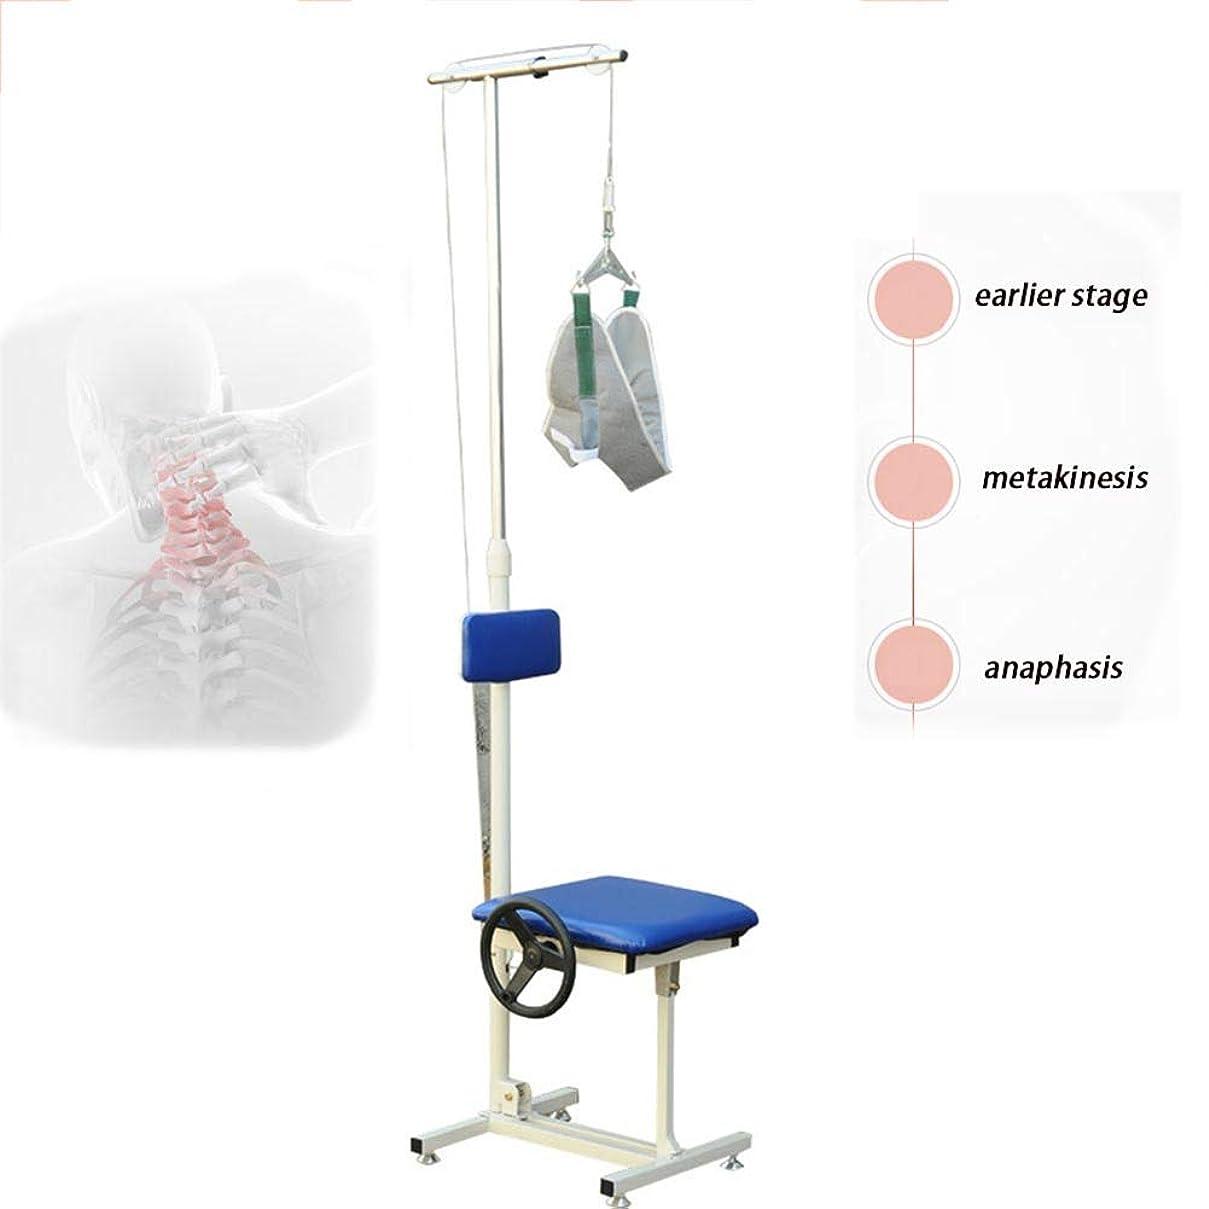 コミュニケーション強制インシュレータぶら下げ首頸部ストレッチャー、トラクターポータブル健康保護具、椅子治療頸椎矯正フレームぶら下げ首